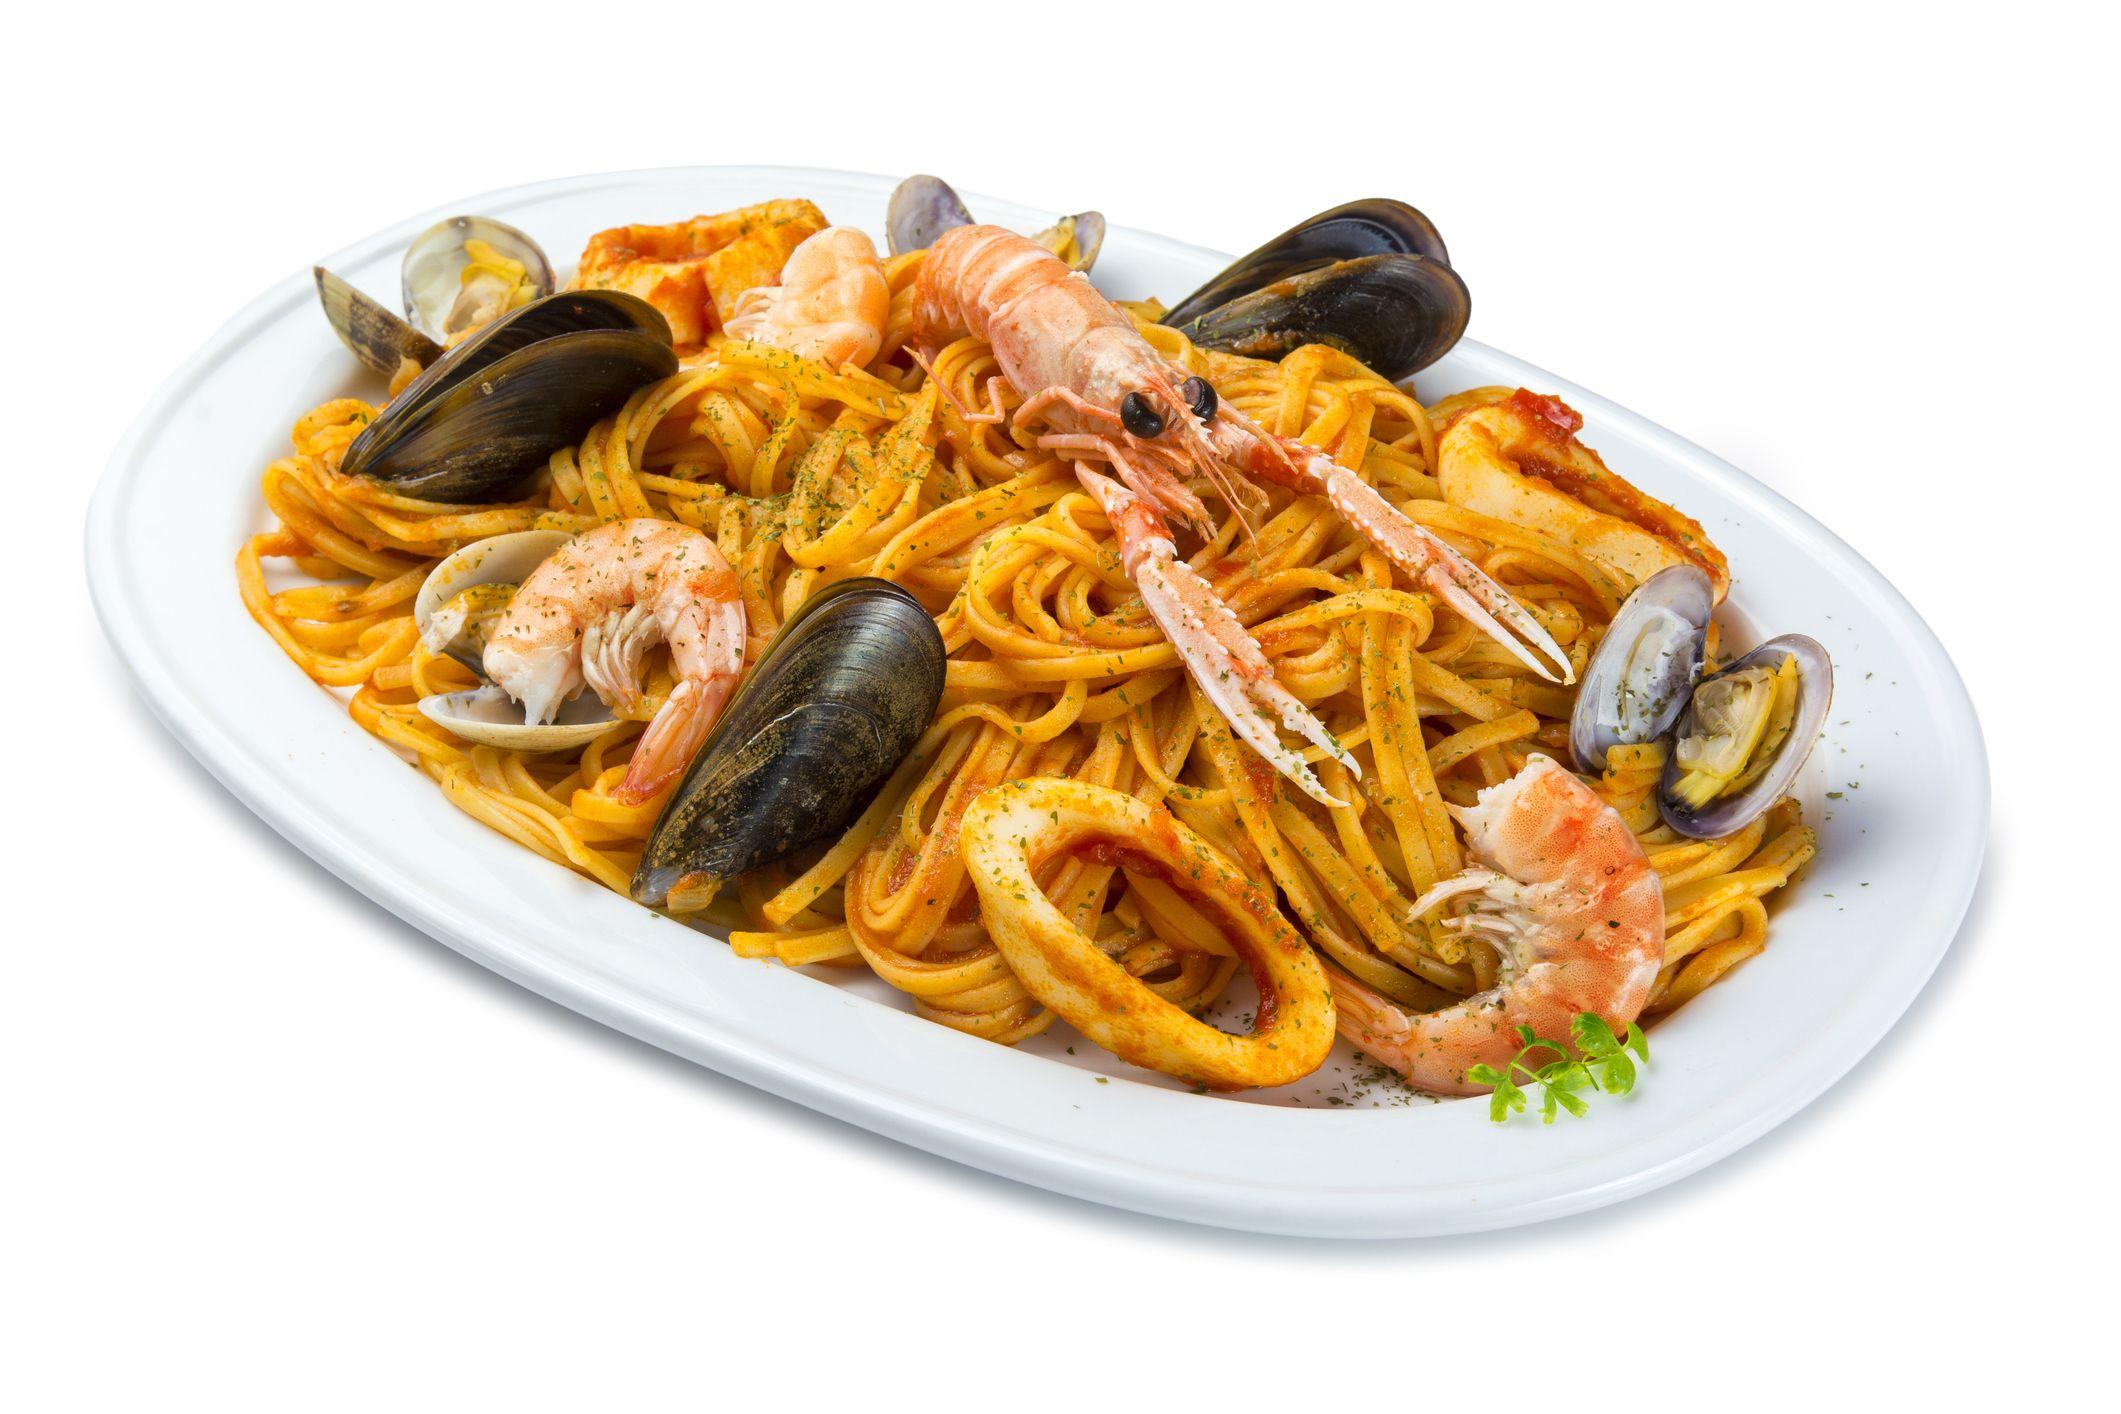 Sei cose da non ordinare MAI al ristorante, secondo gli chef